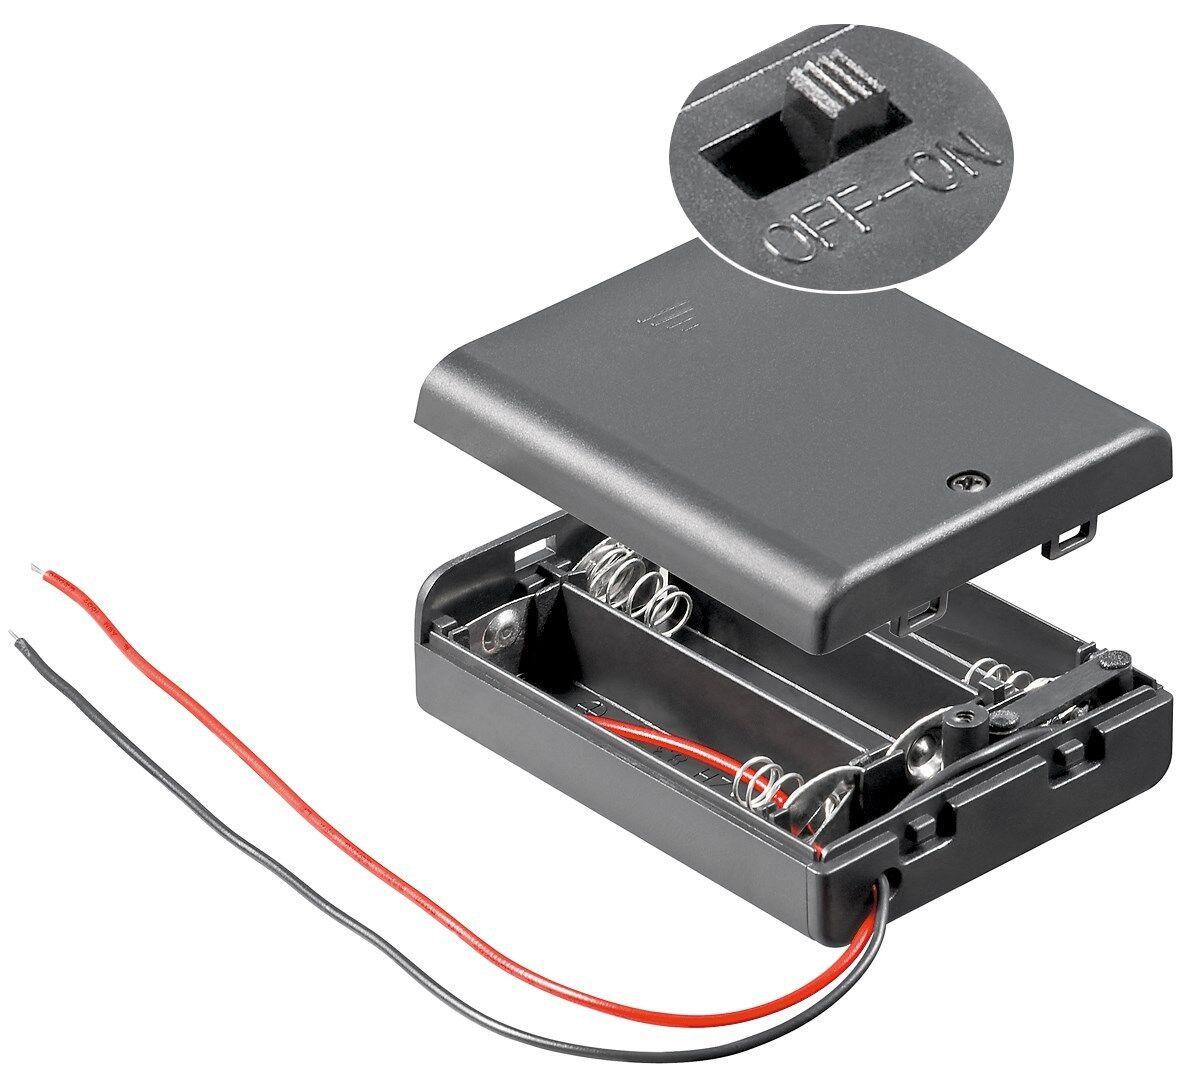 3x AA(Mignon) Batteriehalter -lose Kabelenden,wasserabweisend, schaltbar (50St.) | Deutschland Shops